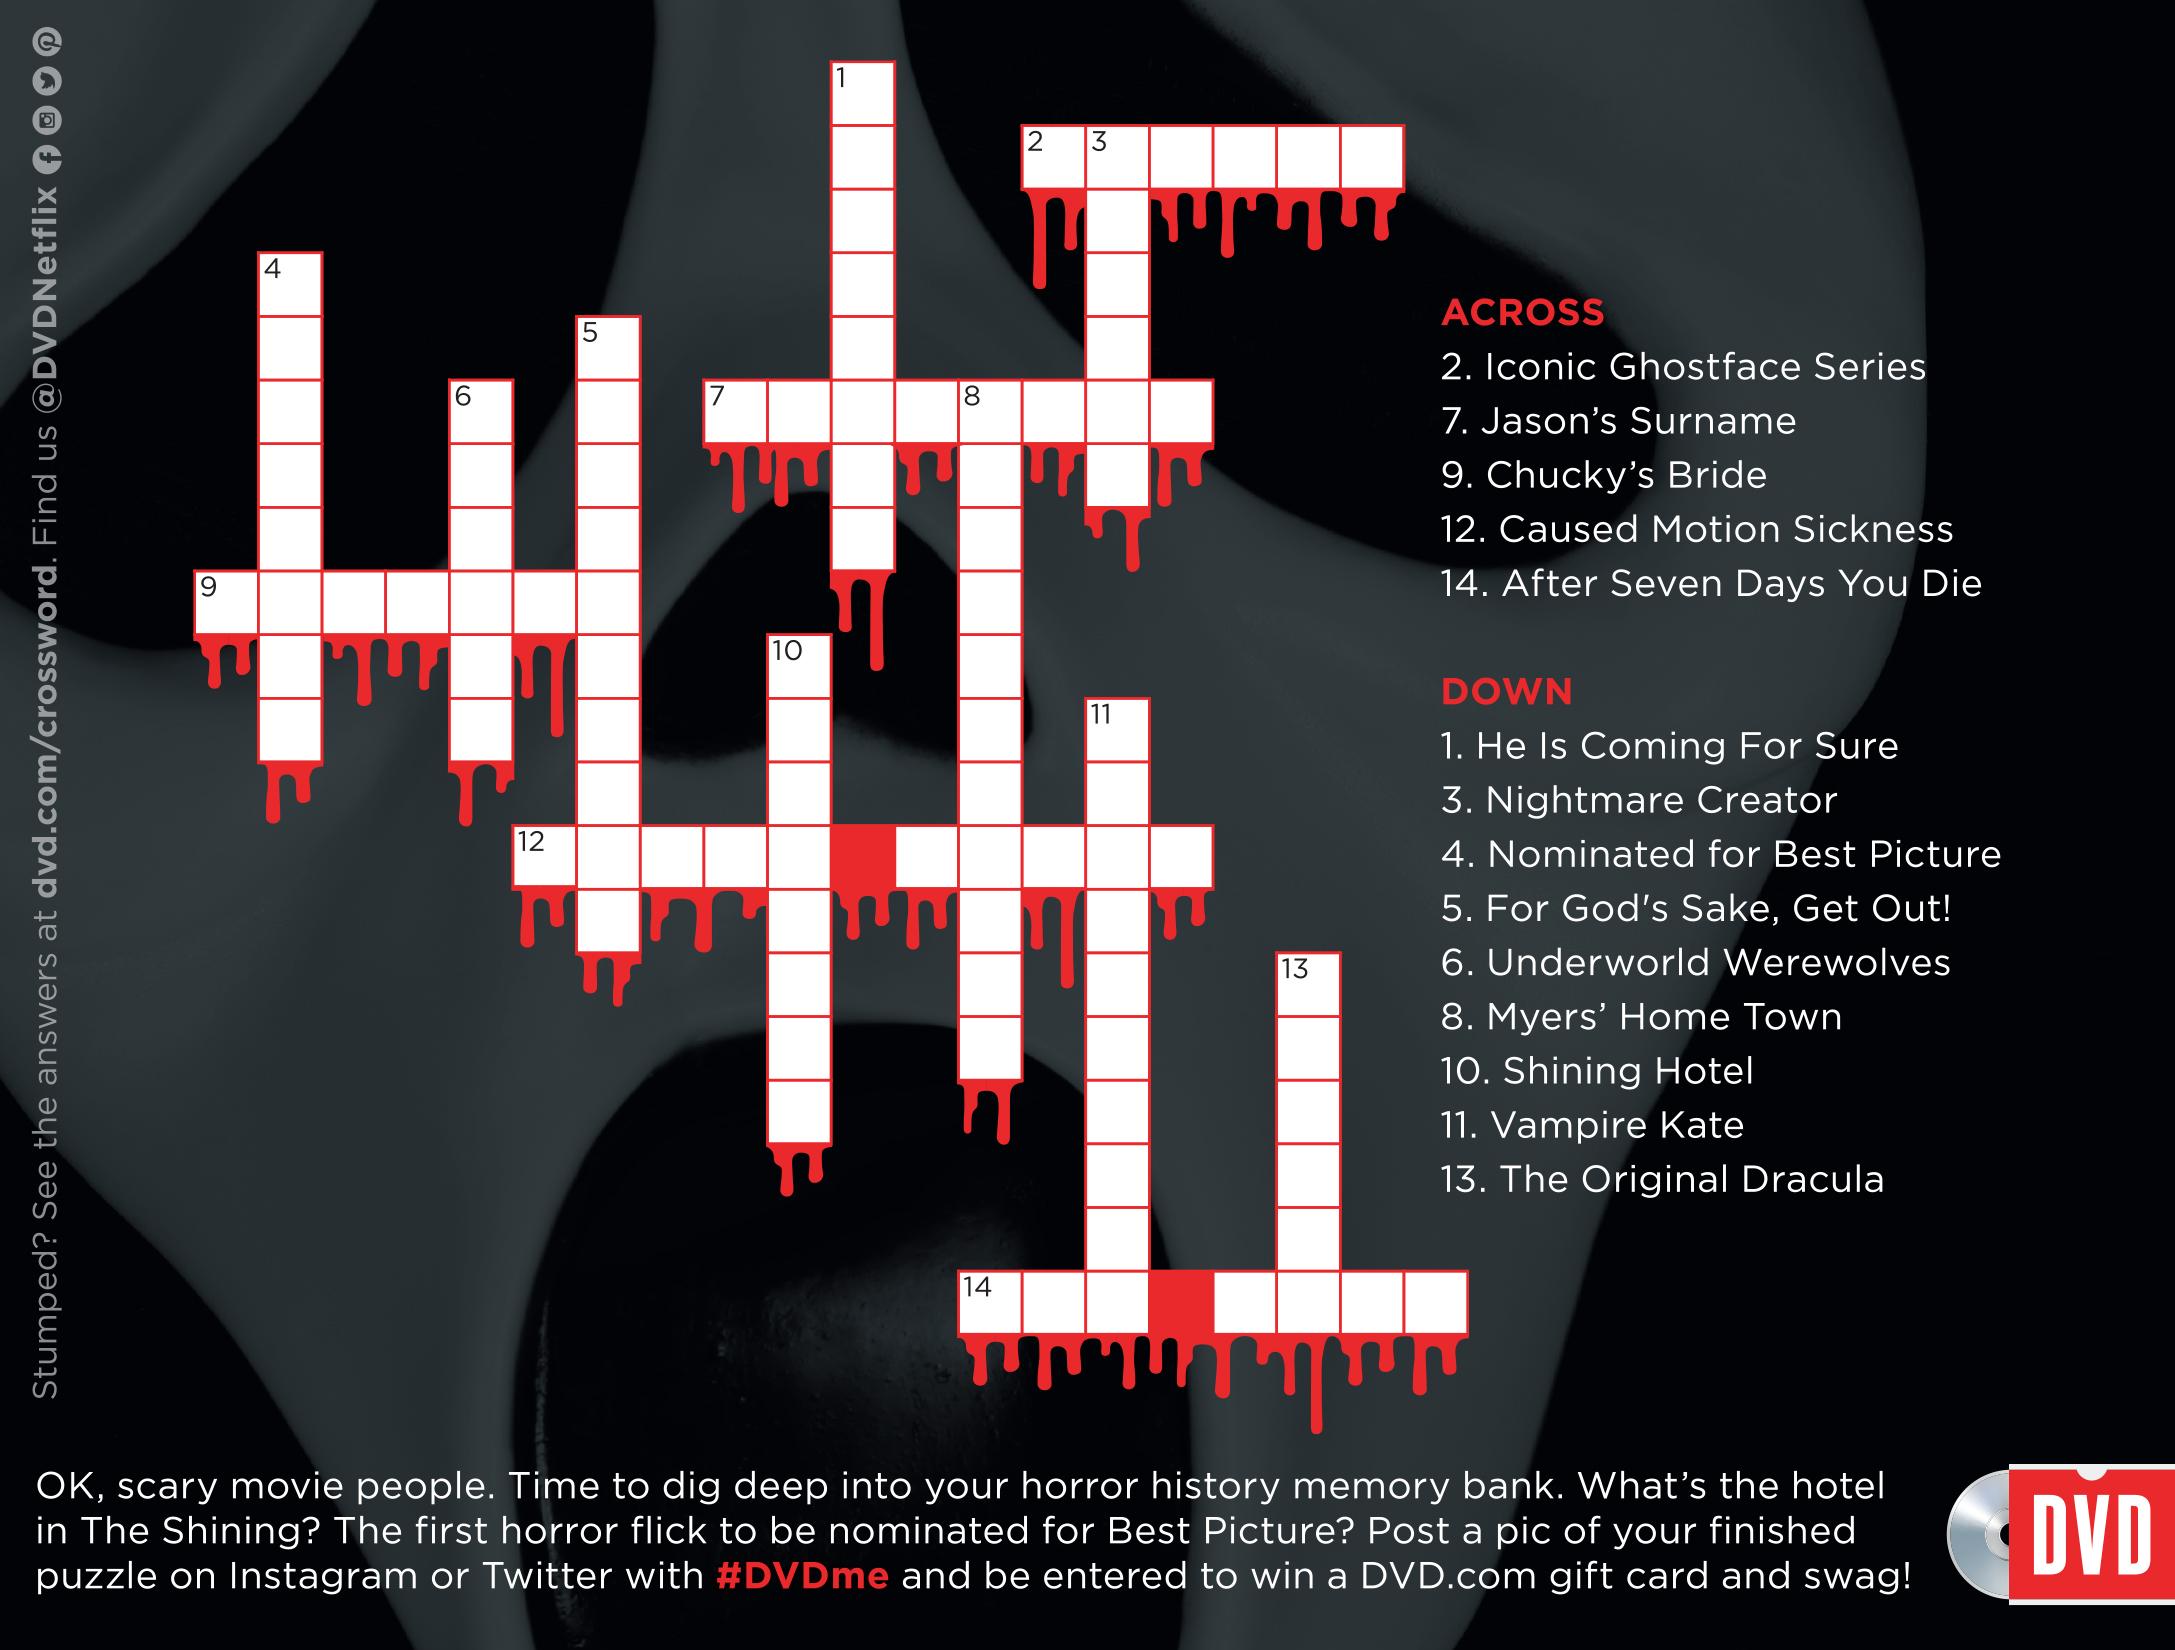 DVD.com Halloween Mailer Ad Panel CROSSWORD